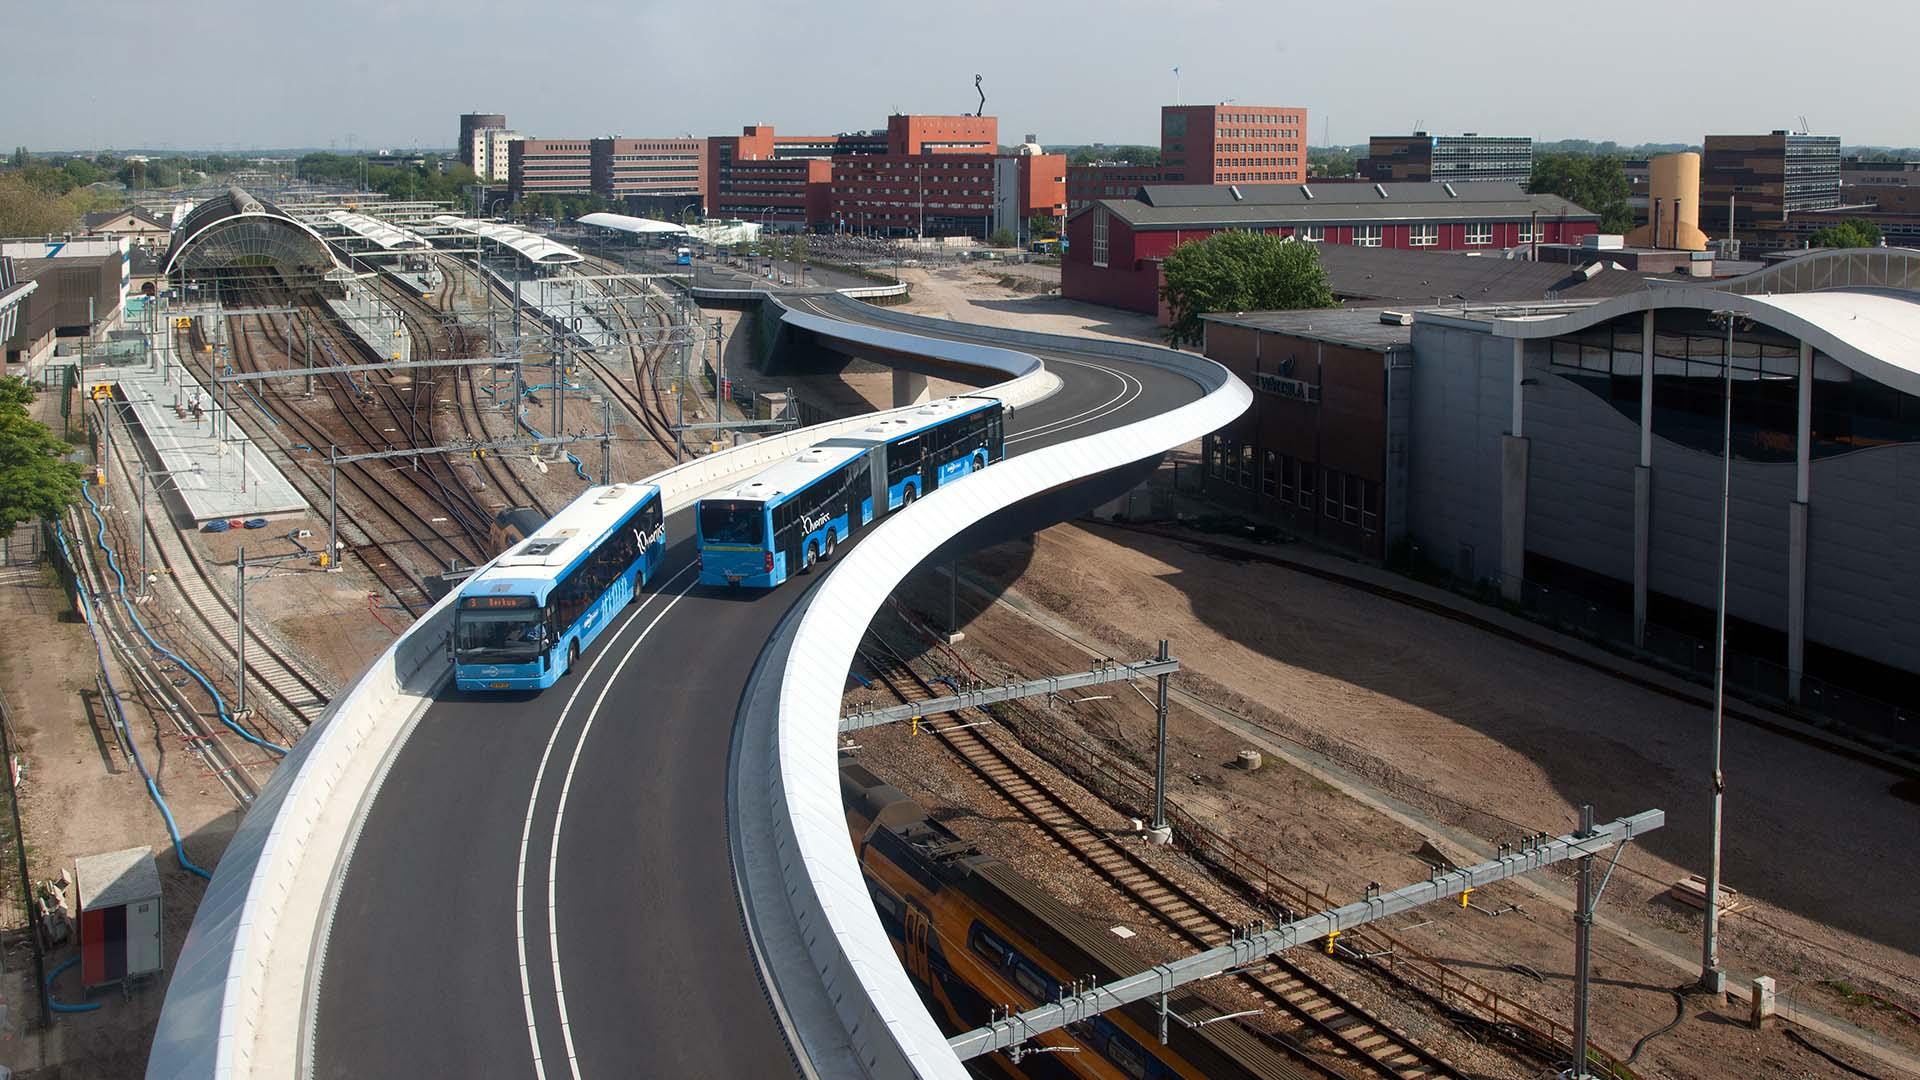 BAM.20_busbrug-Zwolle-ontwerp-ipvDelft